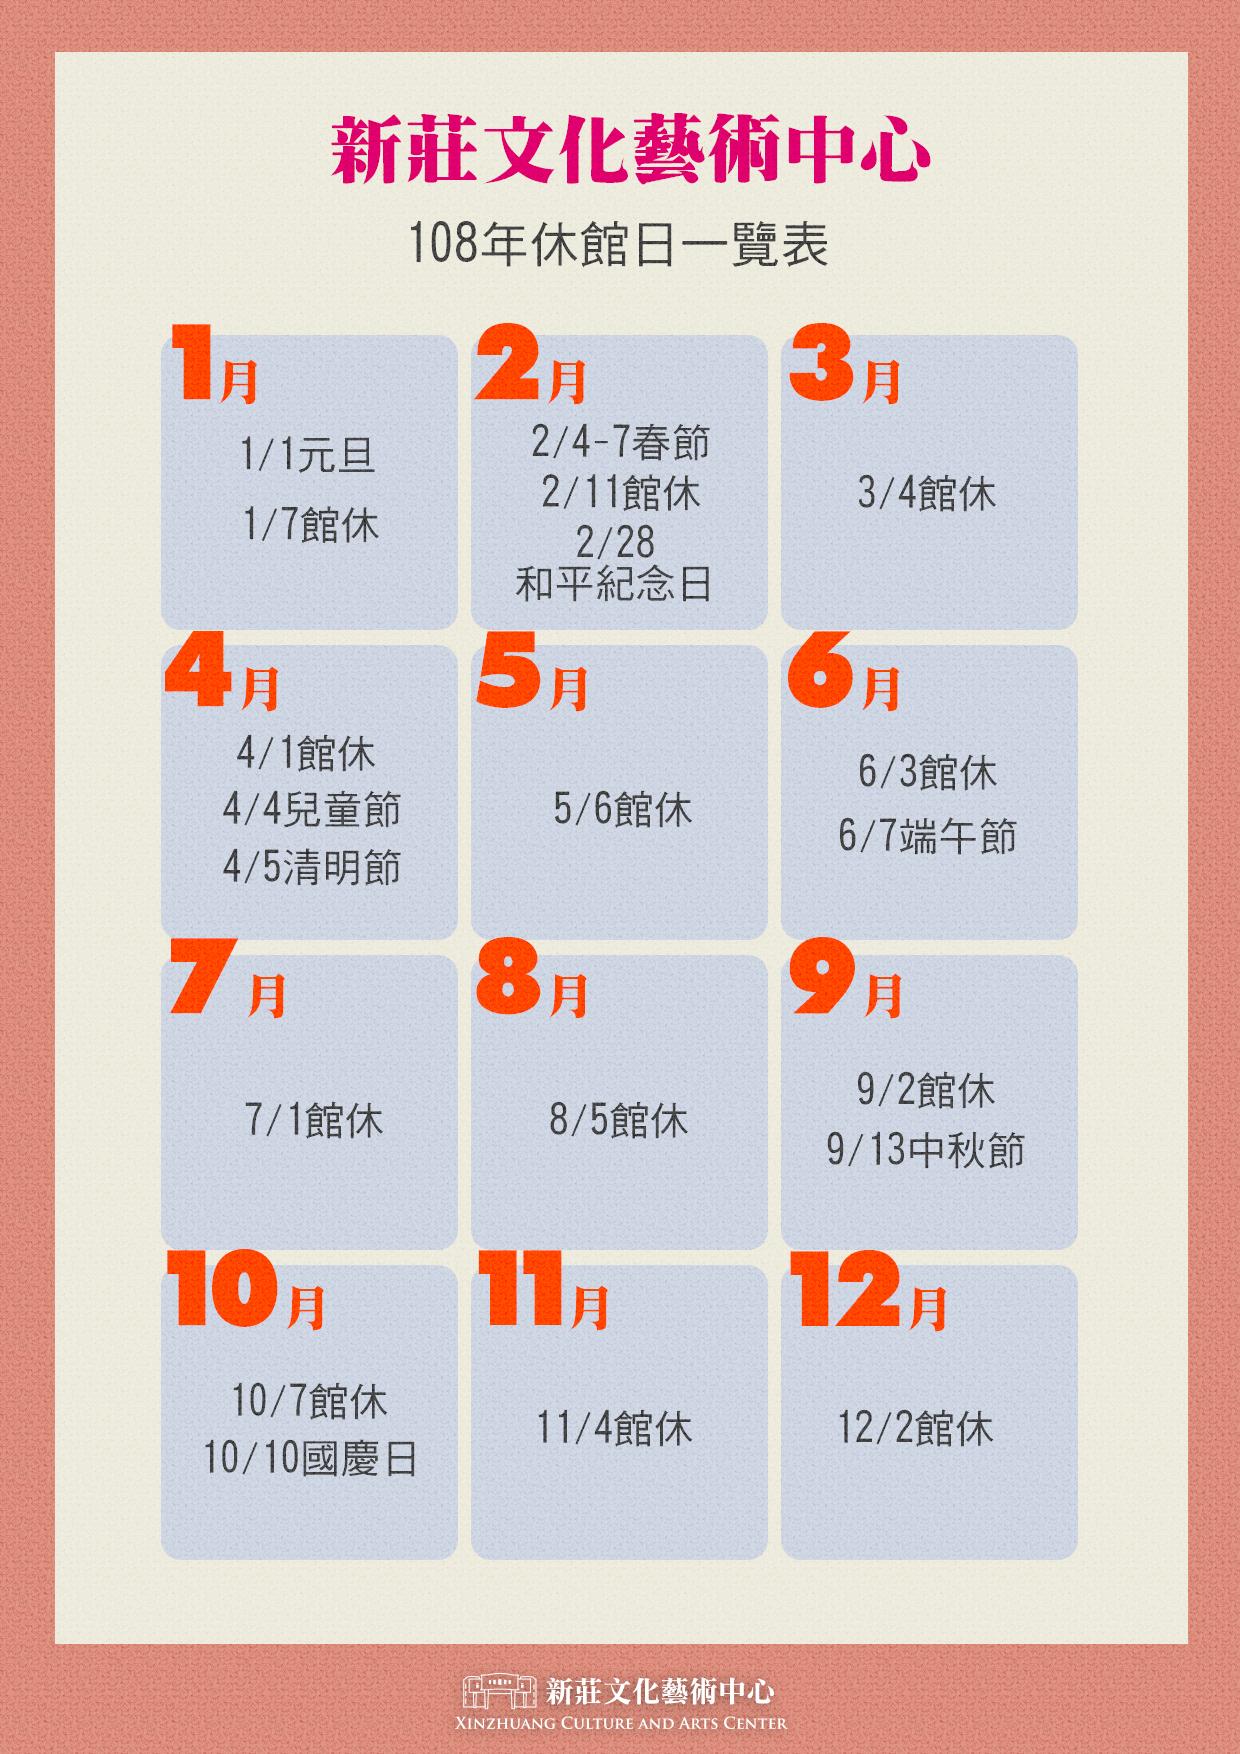 108年新莊文化藝術中心休館日一覽表